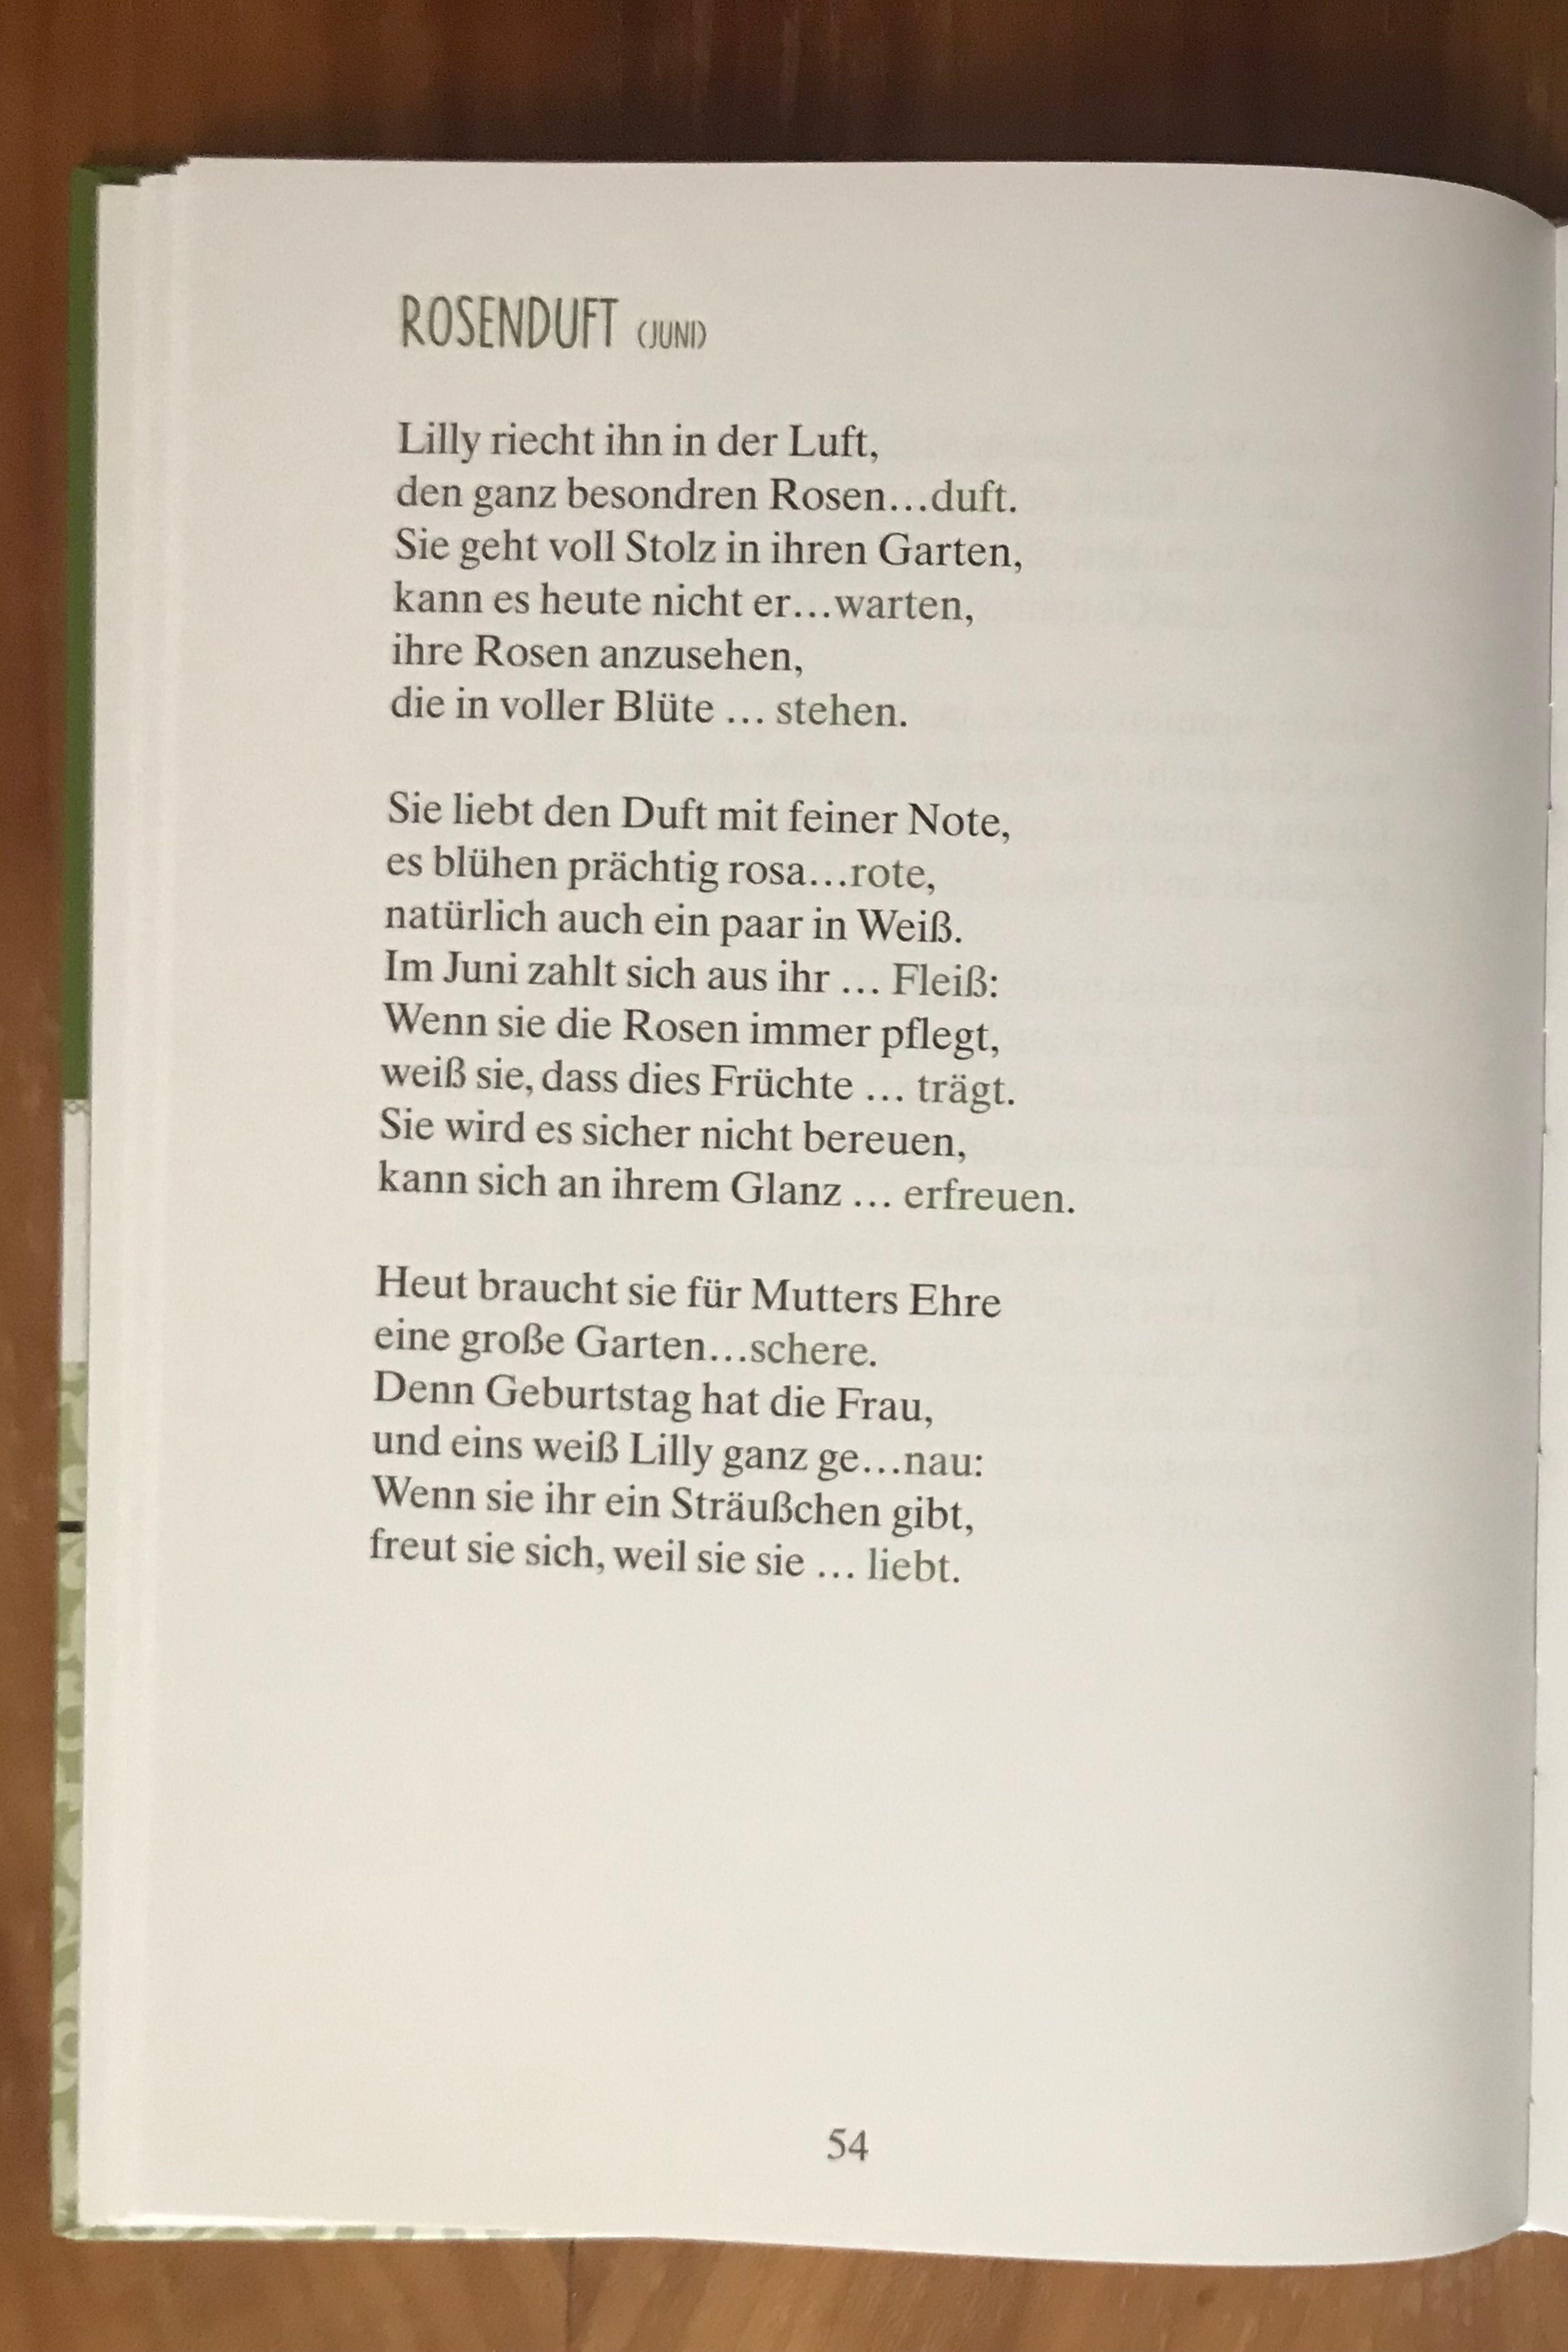 Blick ins Buch von Lücken-Geschichten in Reimen - Maibowle und Winterfest (www.singliesel.de) #einfachebastelarbeitenfürkinder